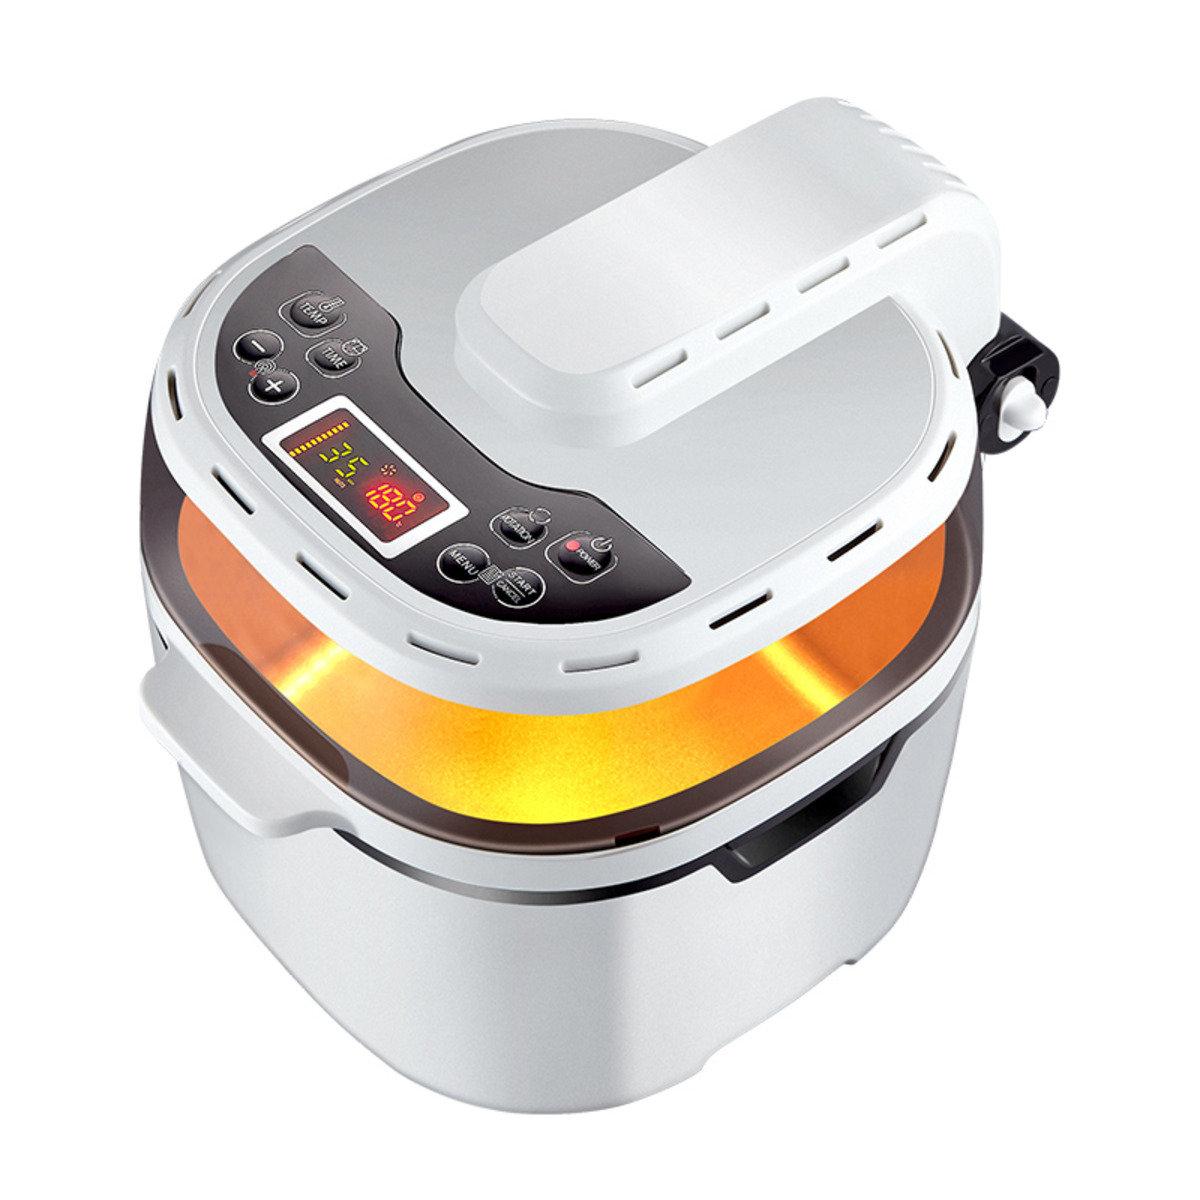 PCR-1500 3D旋轉空氣炸鍋